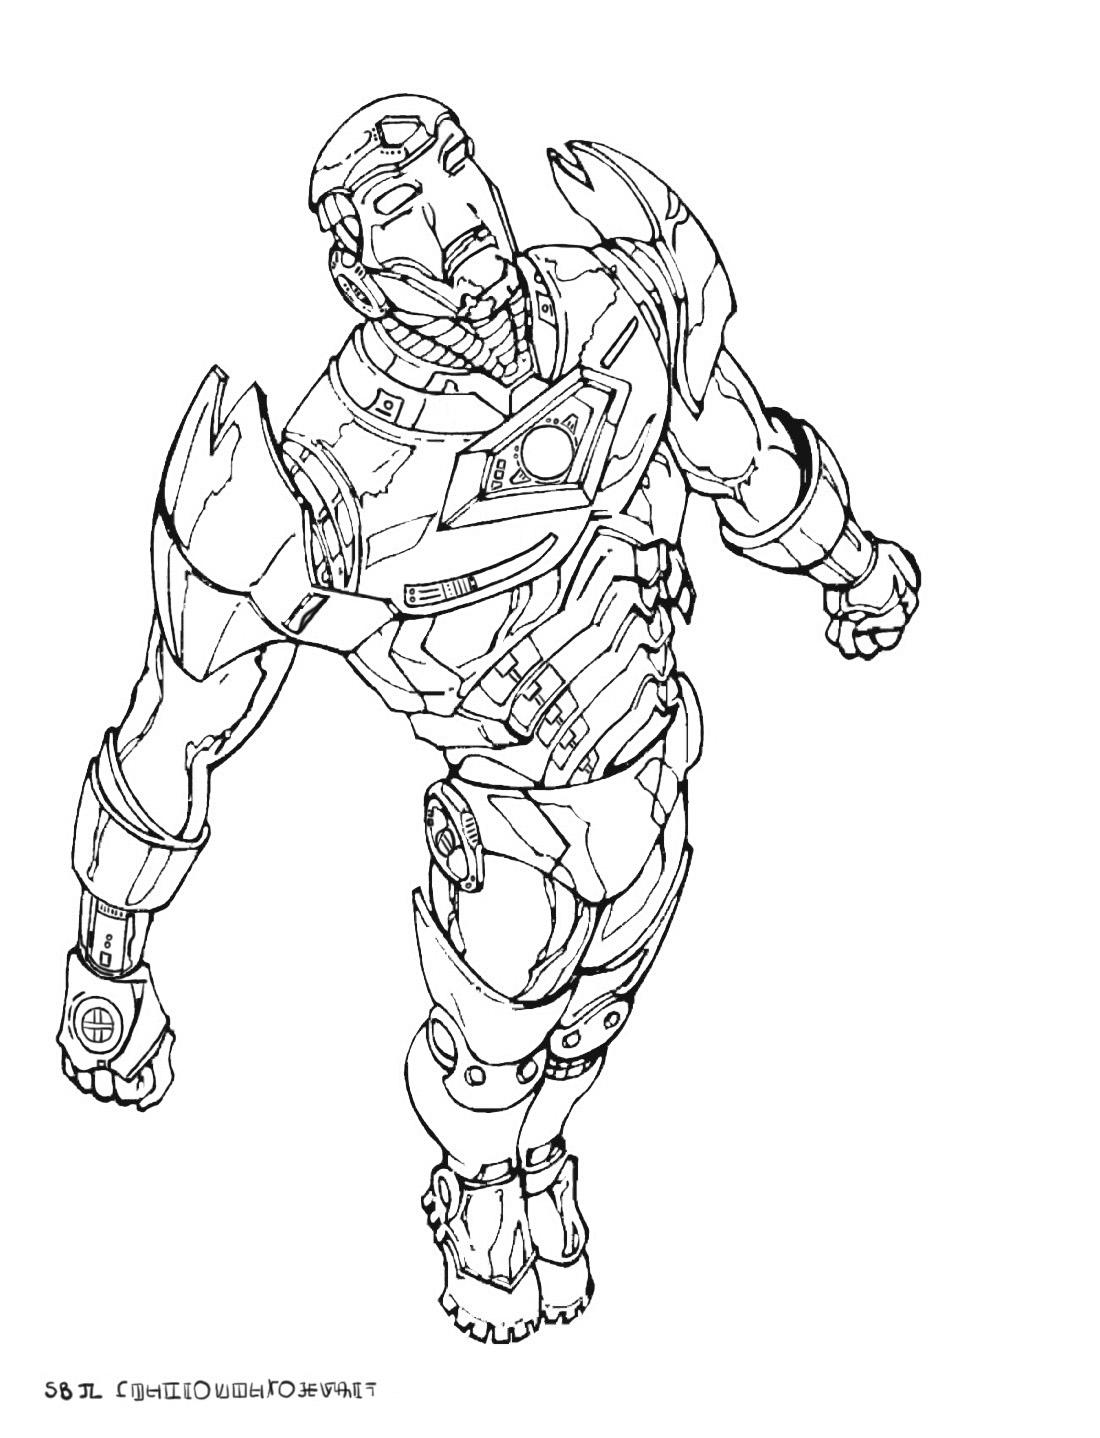 Coloriage De Iron Man À Telecharger Gratuitement - Coloriage destiné Coloriage À Colorier Sur L Ordinateur Gratuit